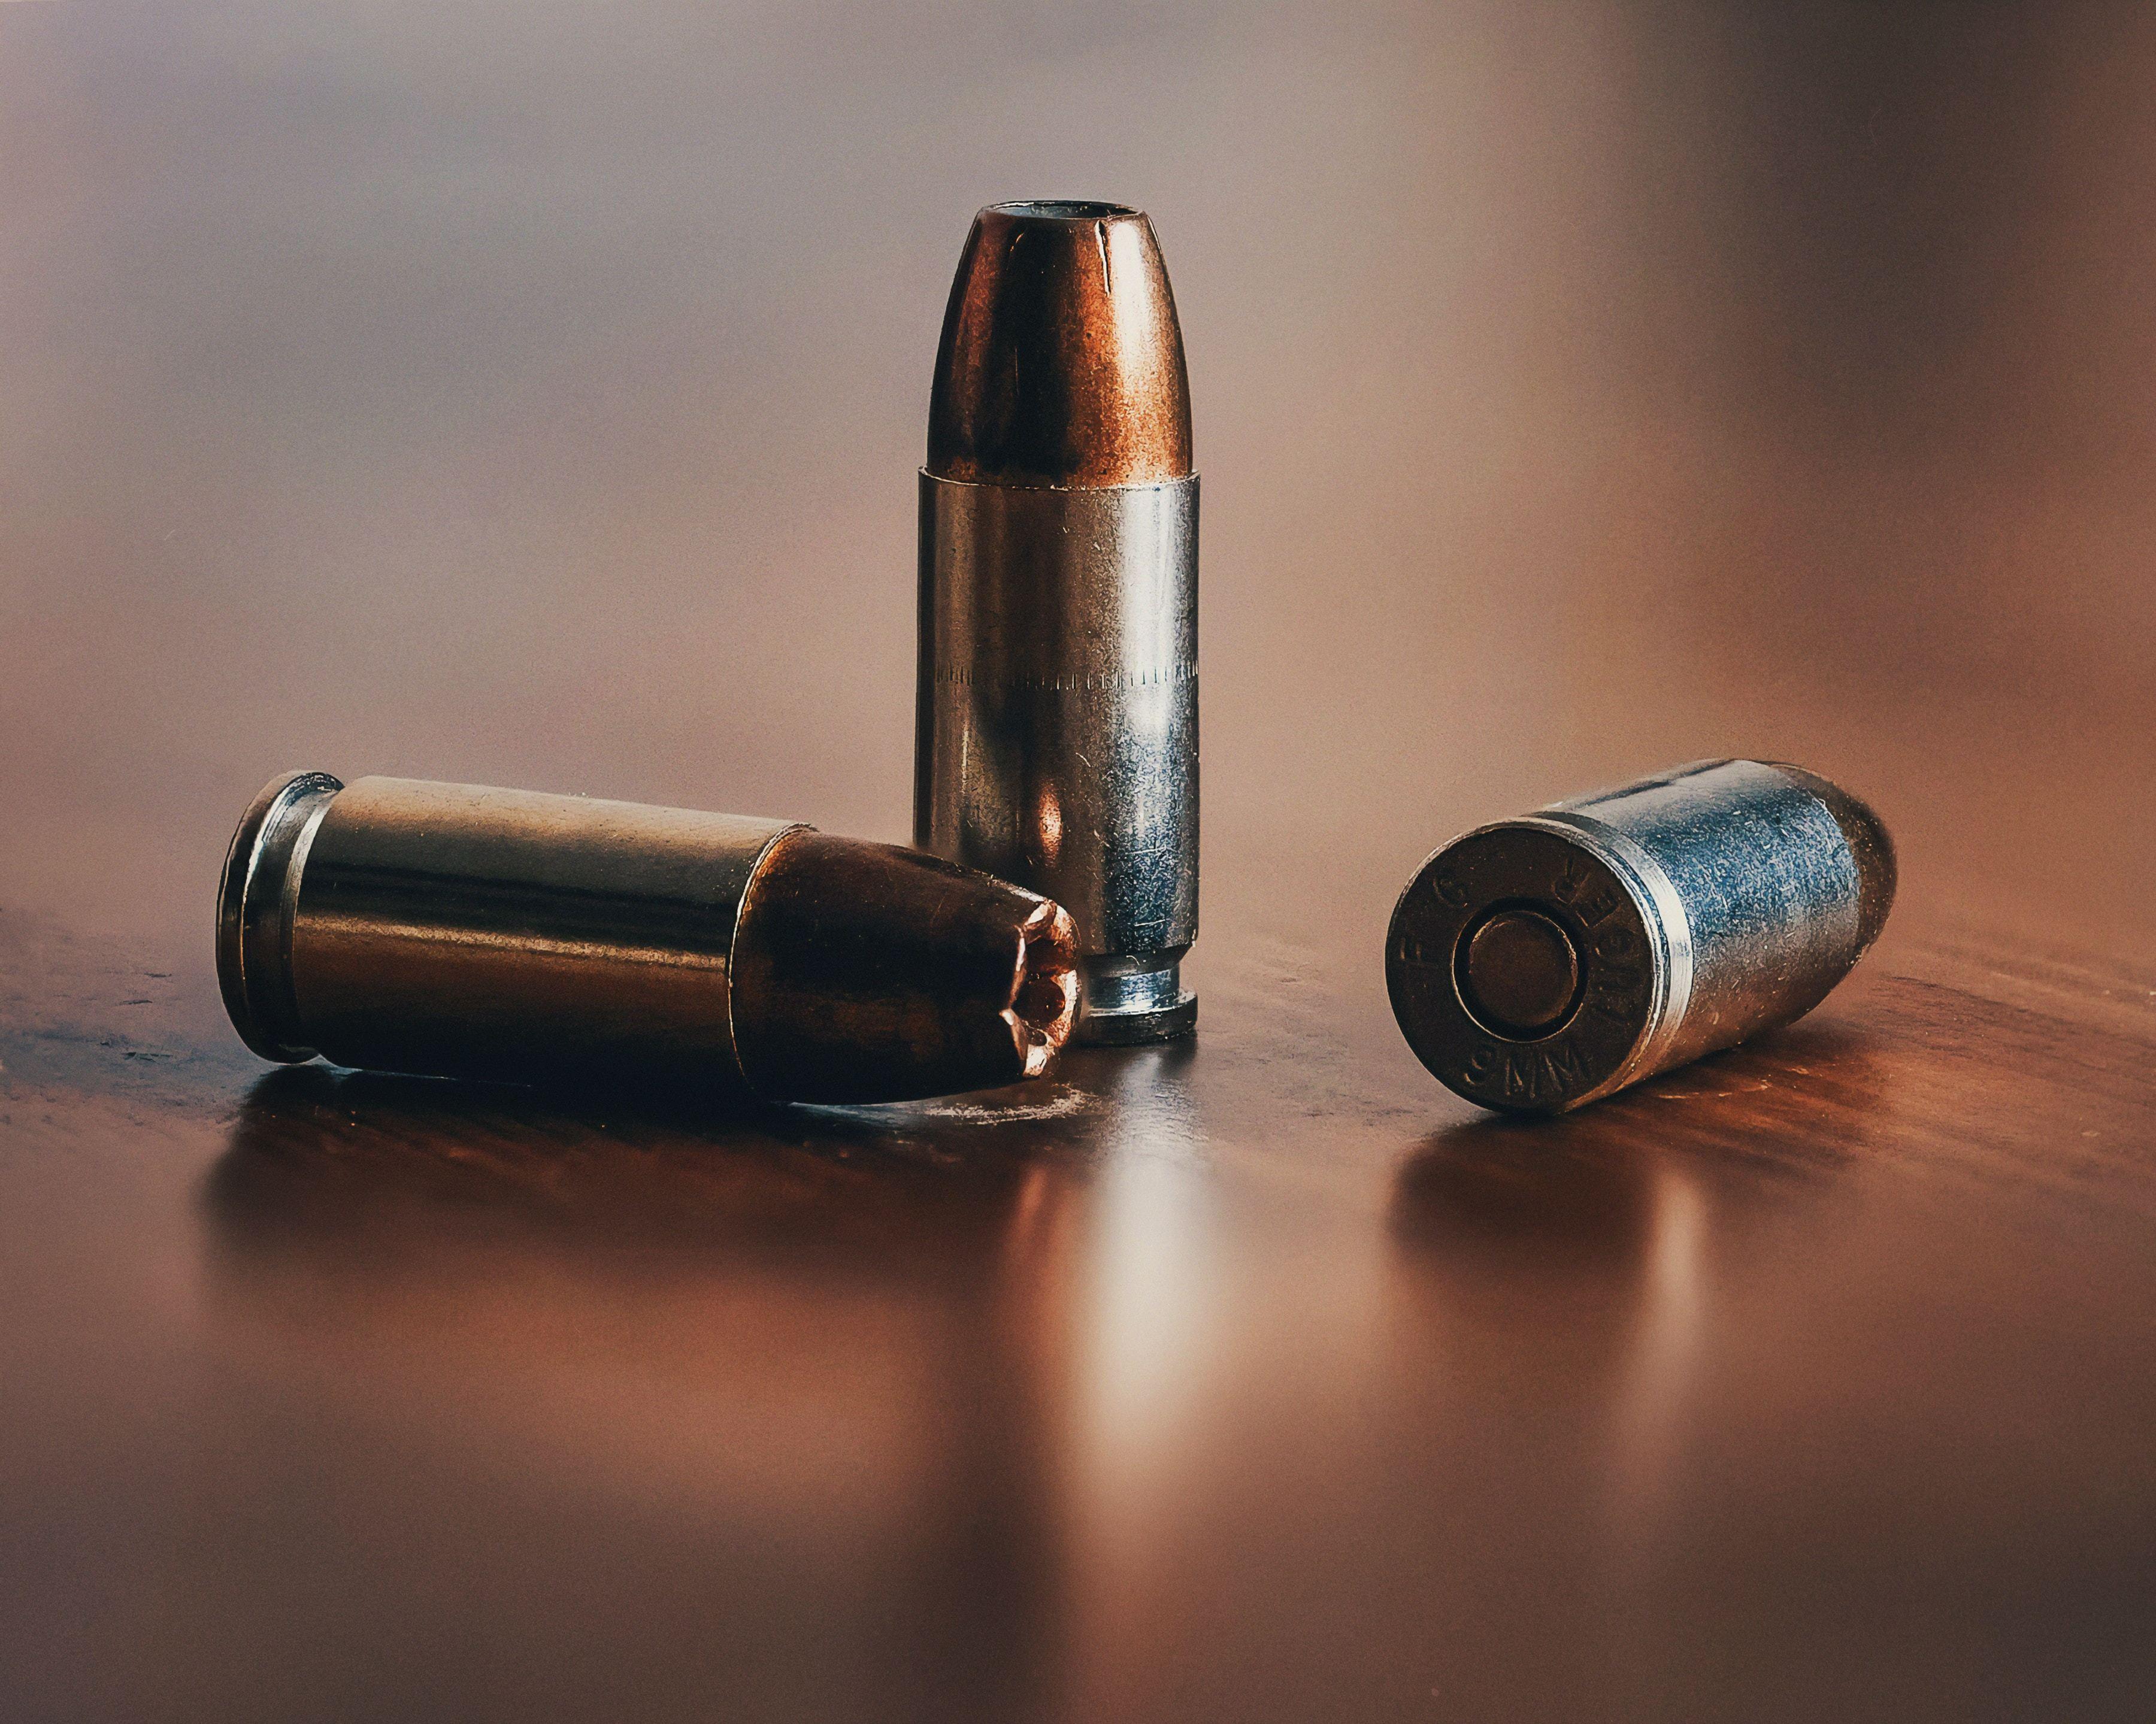 ホローポイント弾とはどんな弾丸?構造・威力やダムダム弾との違いも解説!